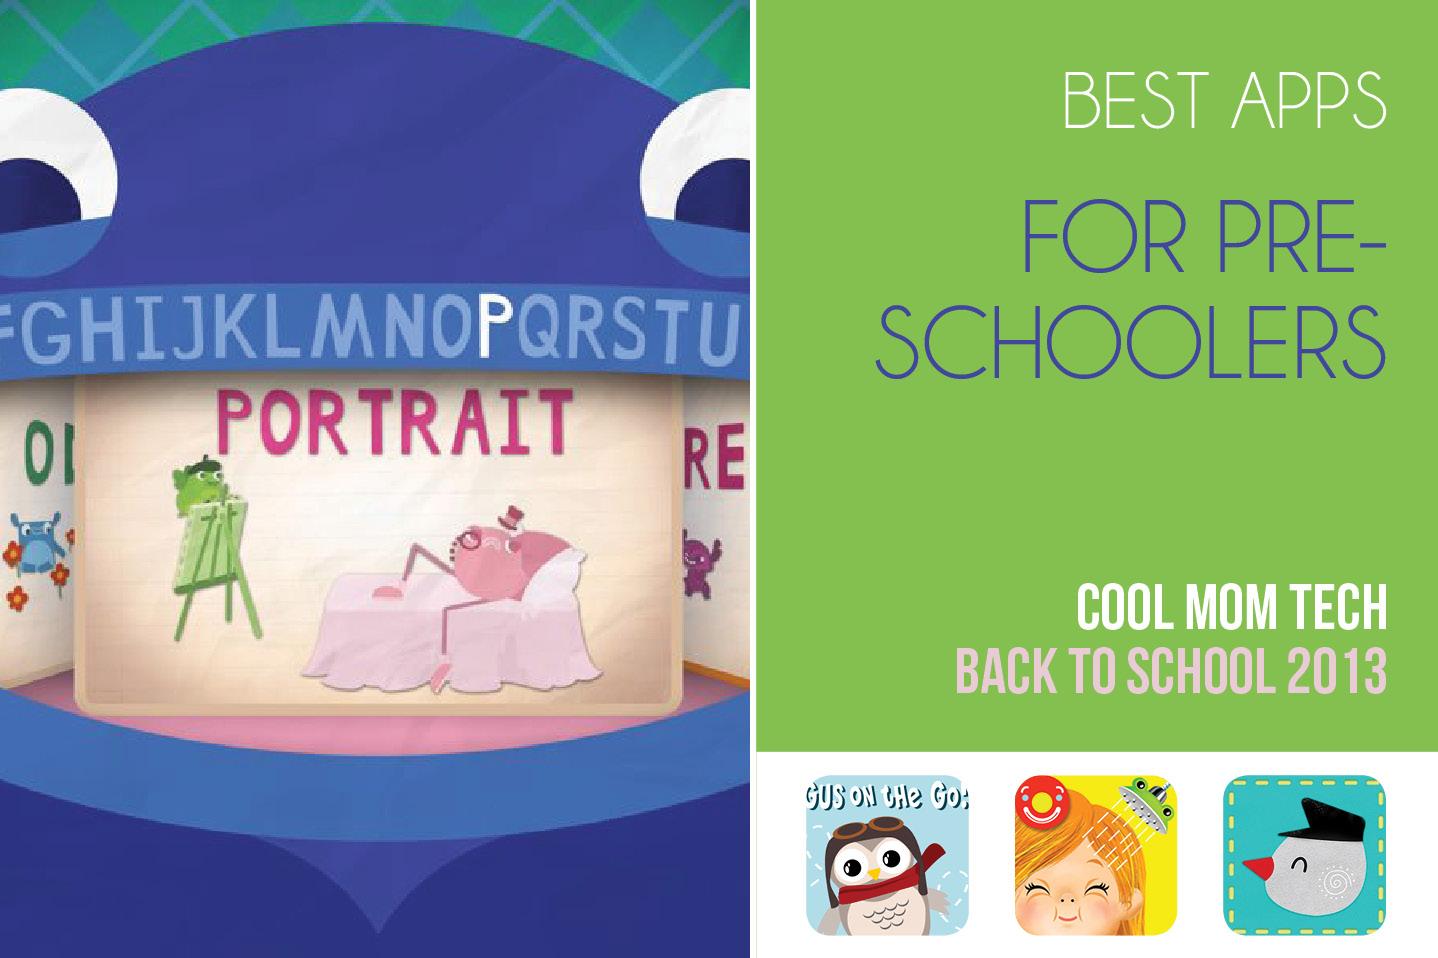 The best preschool apps: Back to School Tech Guide 2013